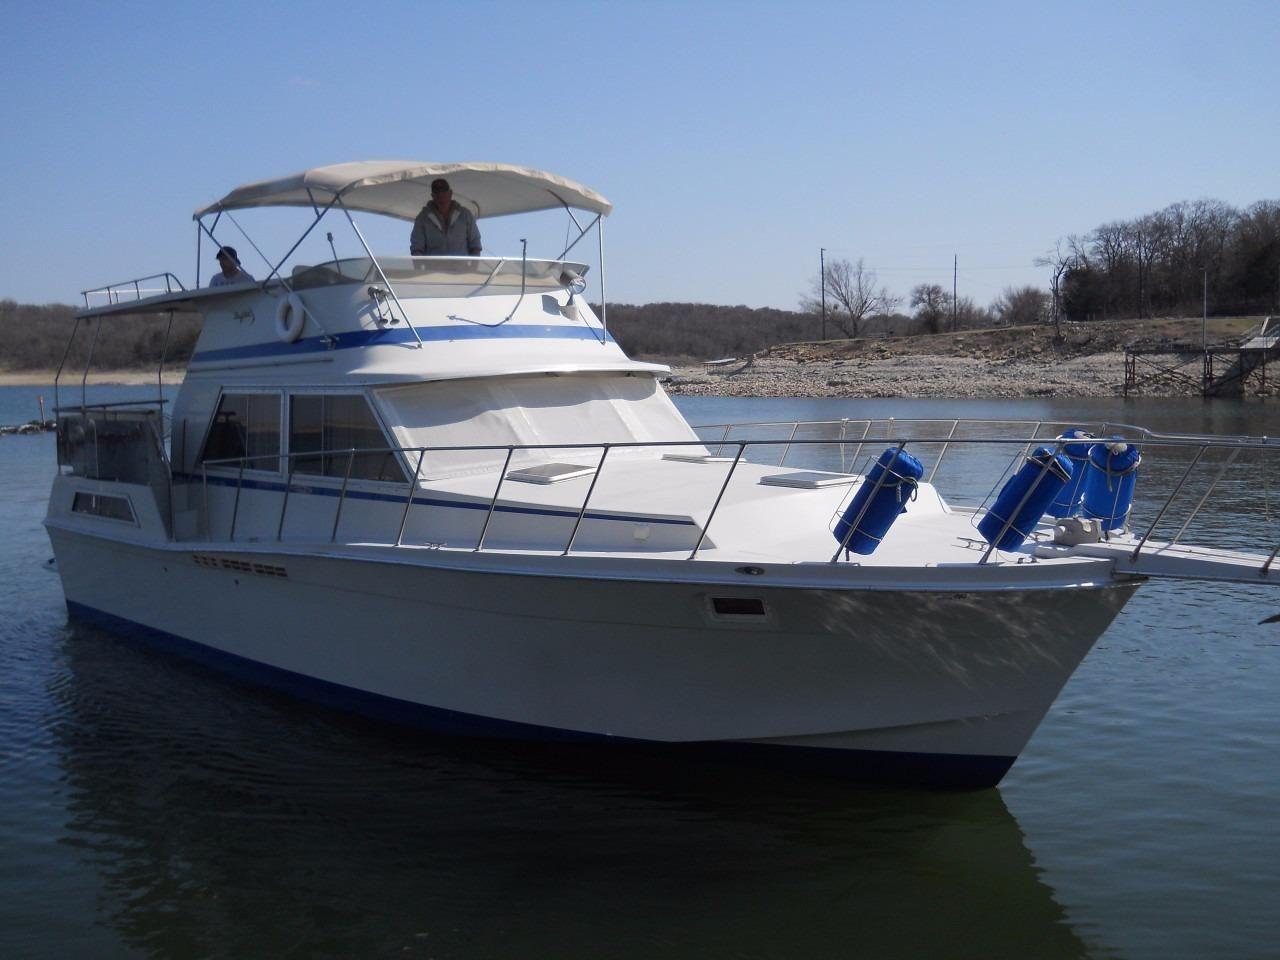 1982 Uniflite 42 Double Cabin Power Boat For Sale Www